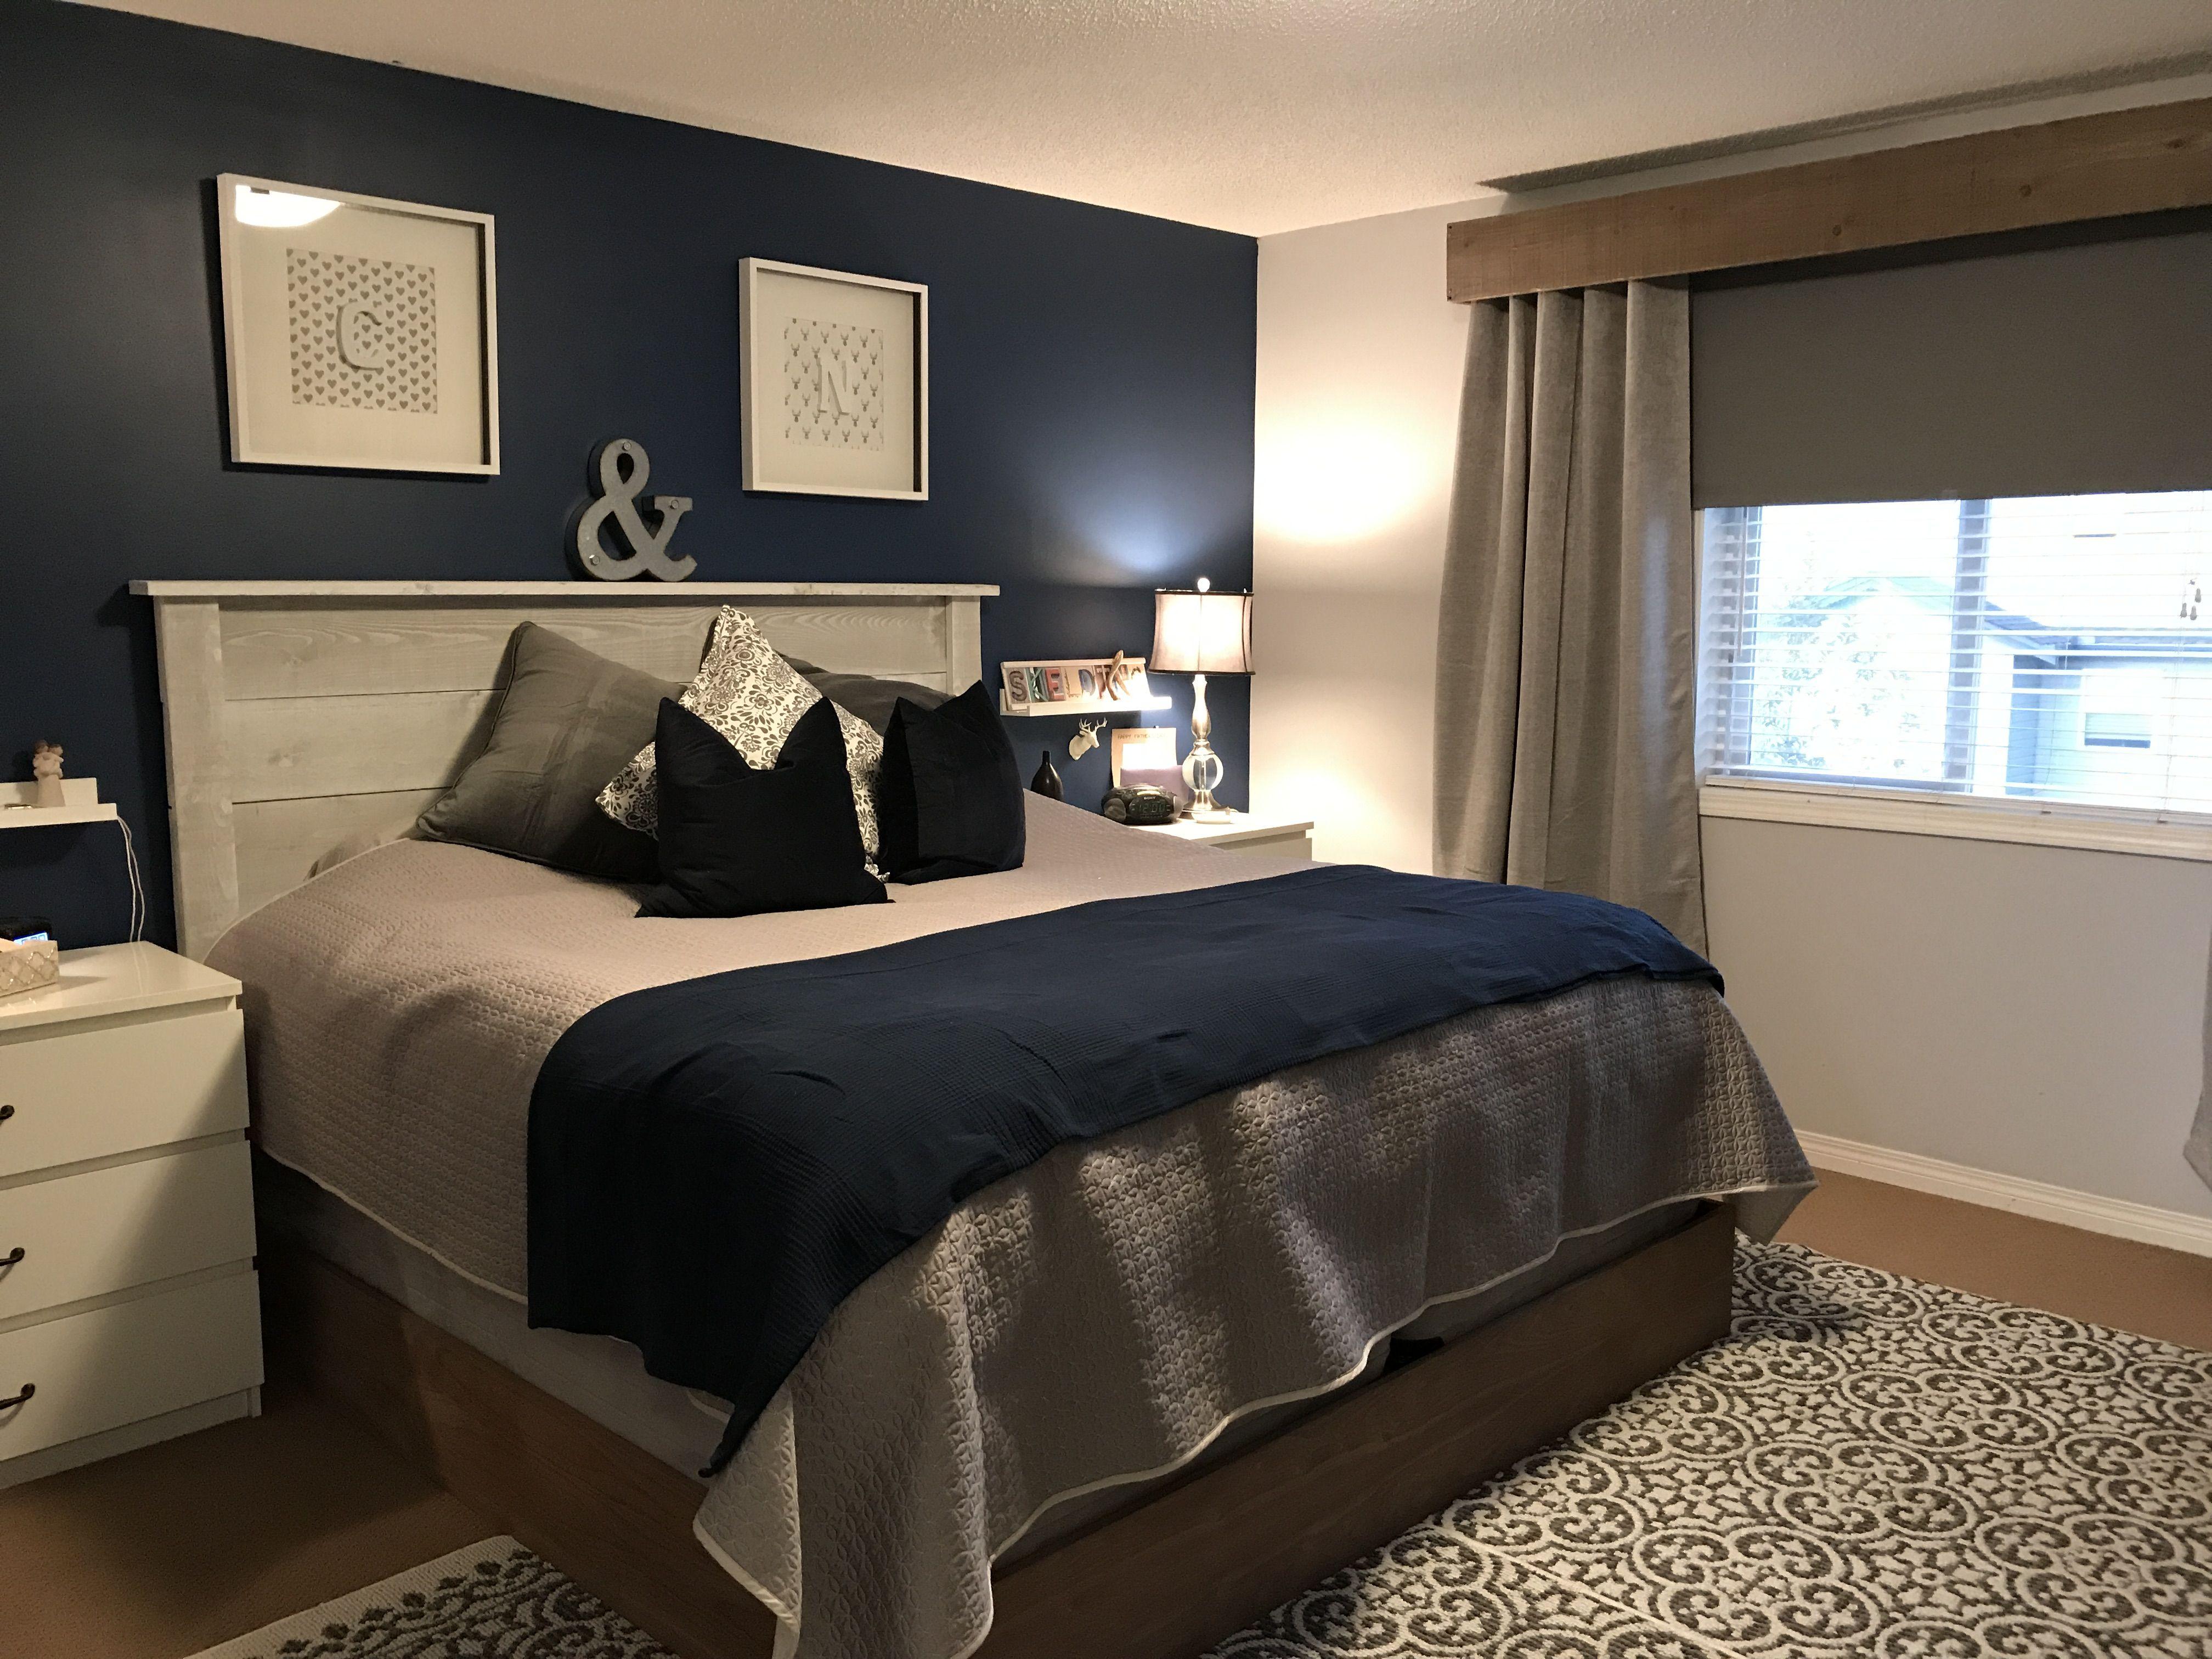 Blue Bedroom Decor Bed Frames